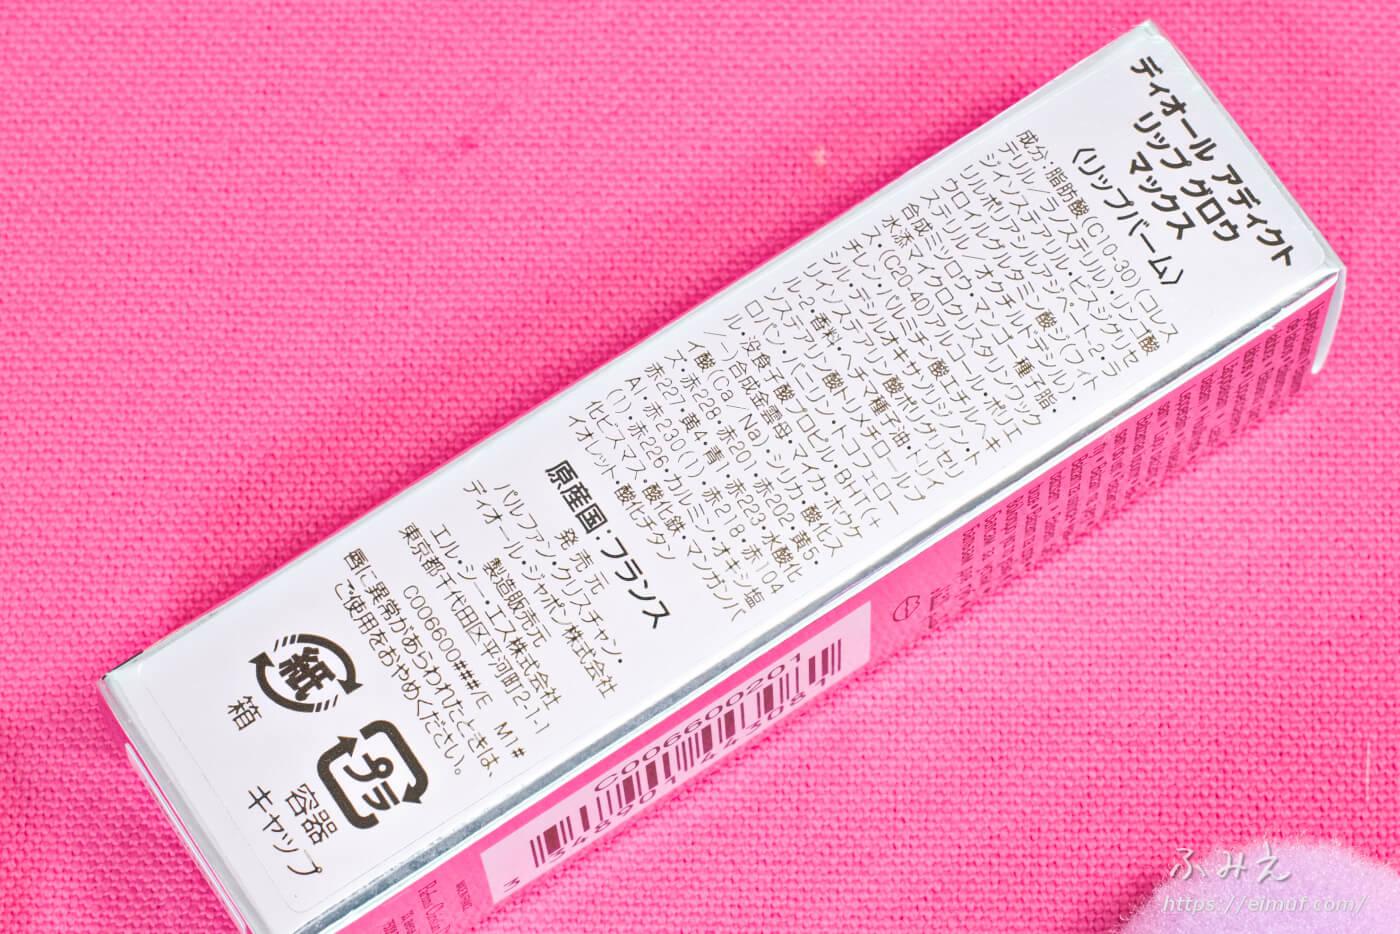 ディオール アディクト リップグロウ マックス #201(ピンク) 外箱裏面